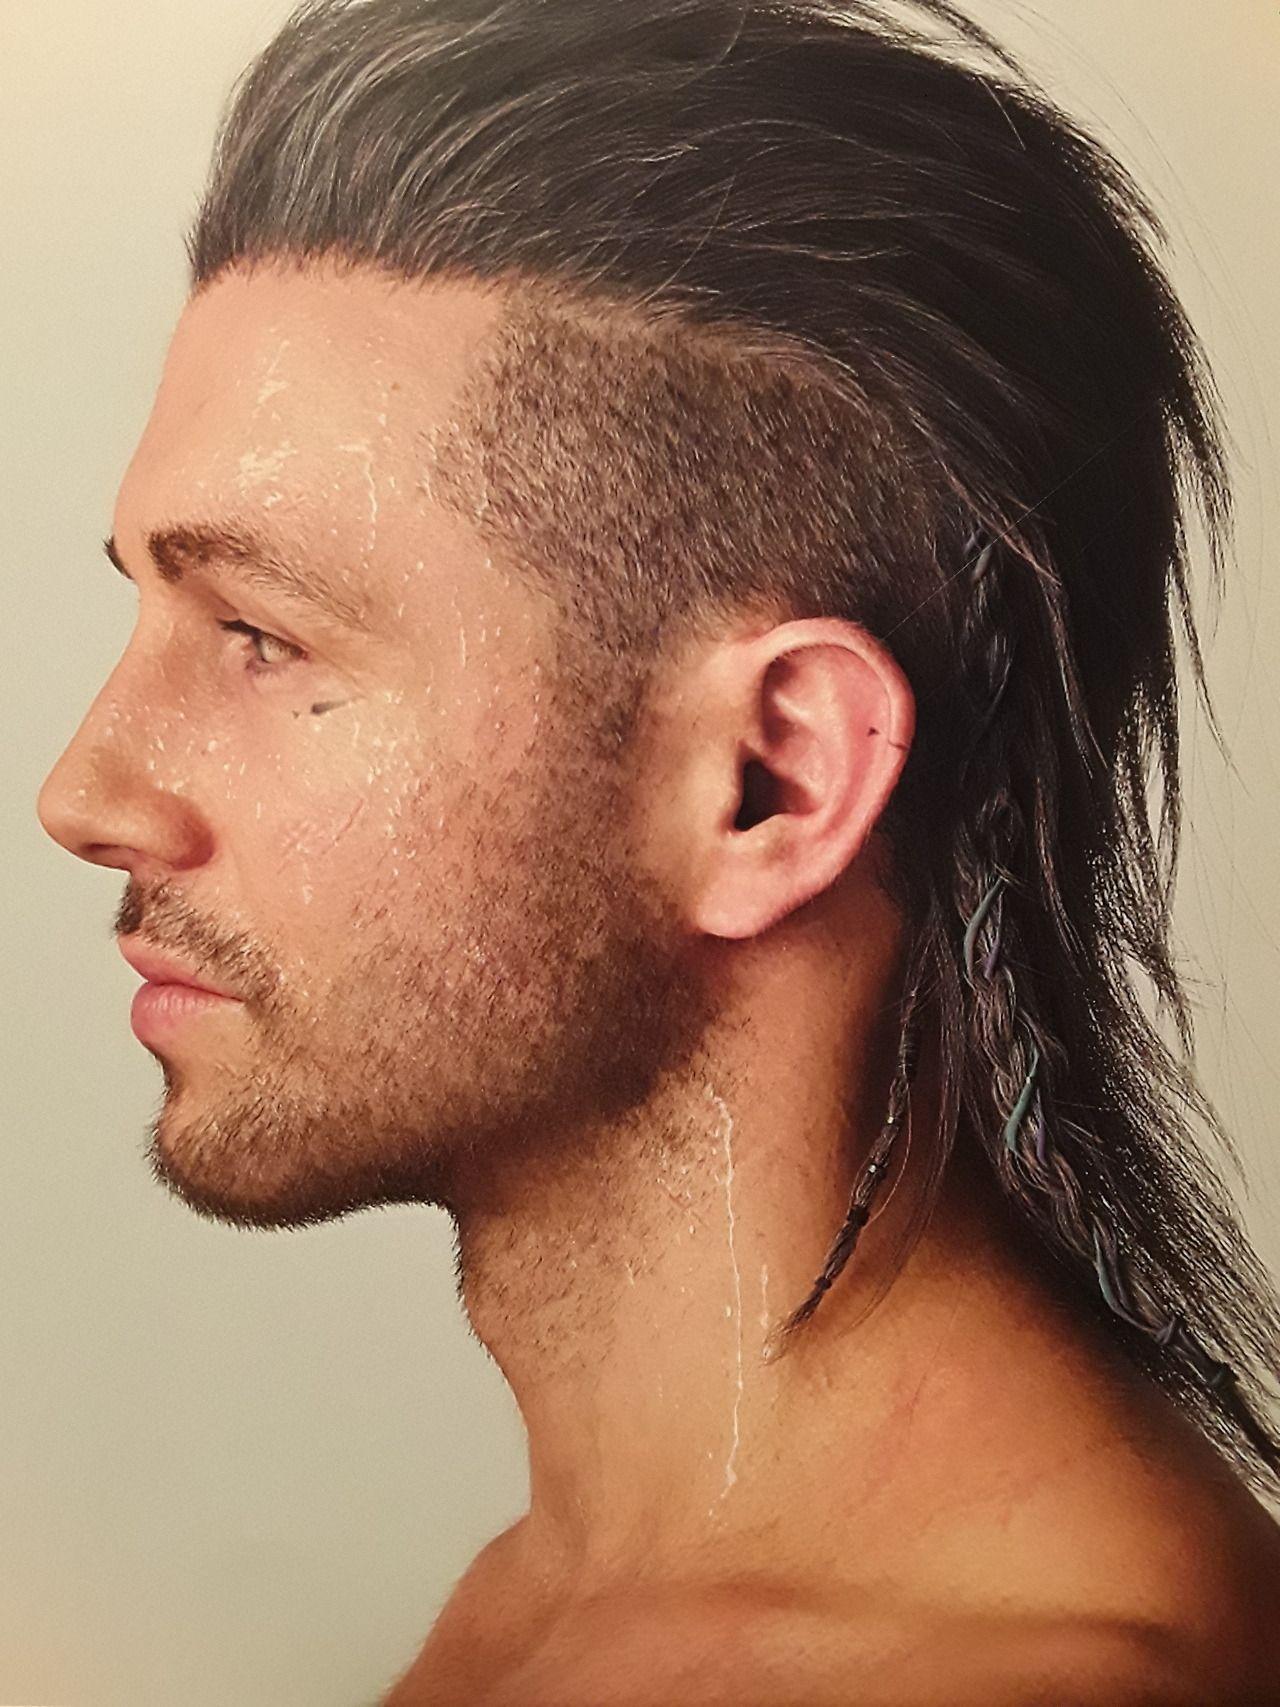 It S A Side Blog Cool Irokesenschnitt Manner Lange Haare Manner Barte Und Haare